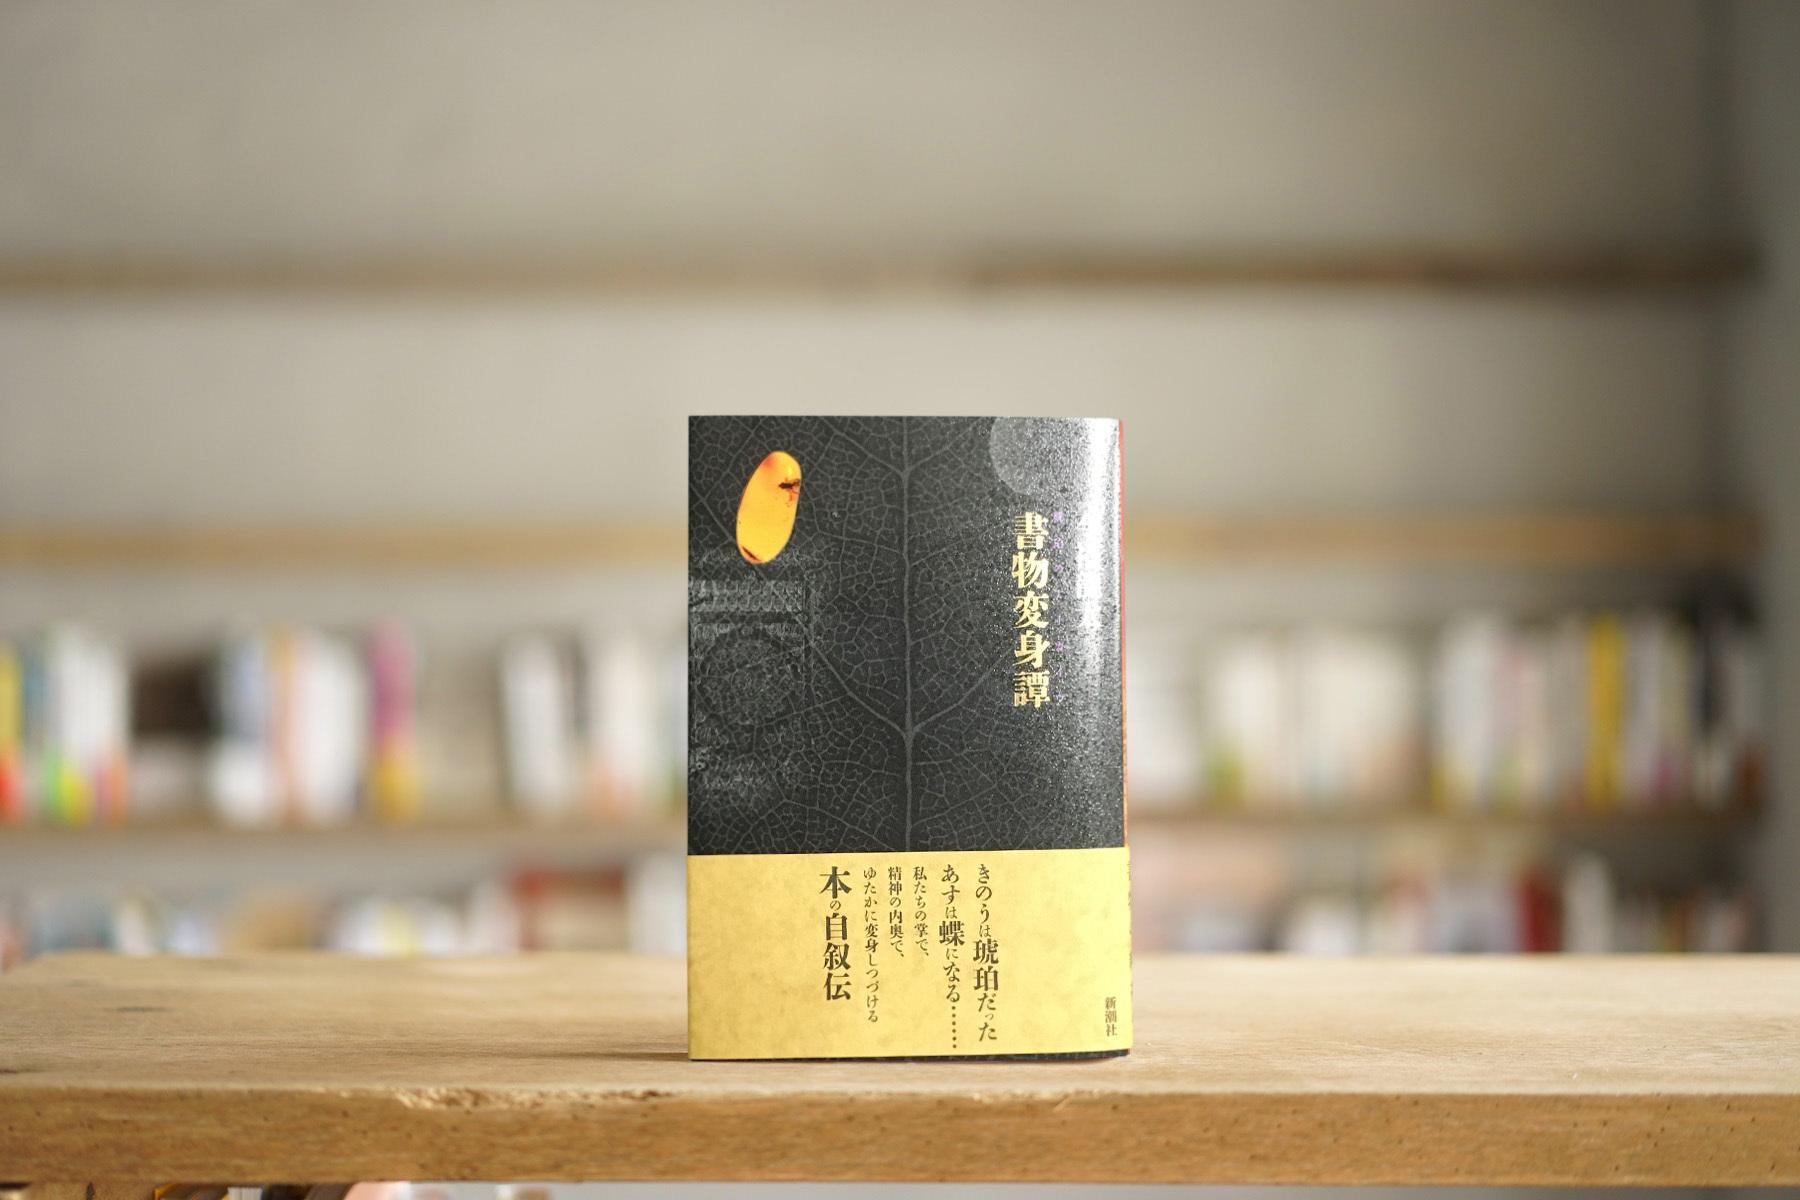 今福龍太 『書物変身譚』 (新潮社、2014)